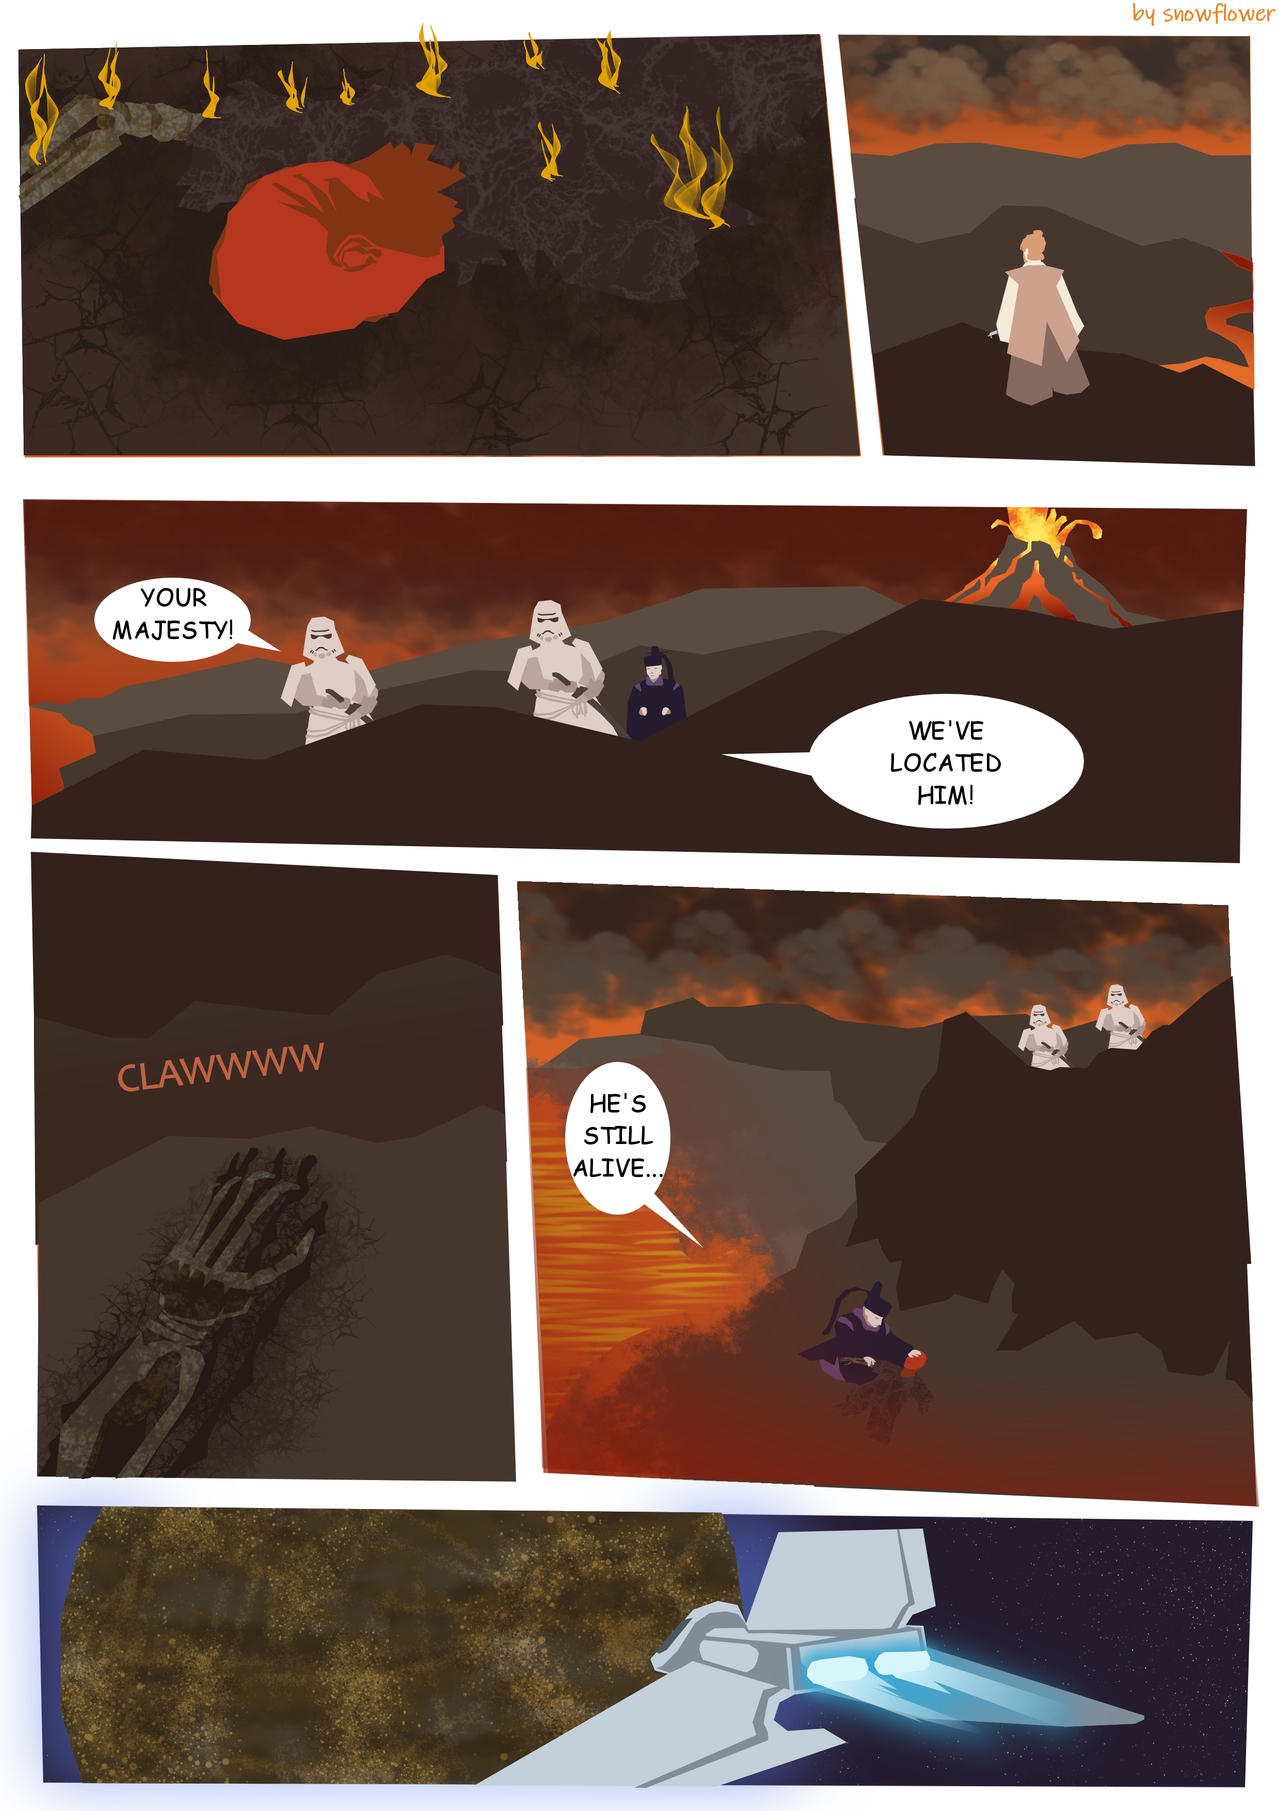 Star Wars Mustafar Duel Page 5 By Snowflowerxoxo On Deviantart